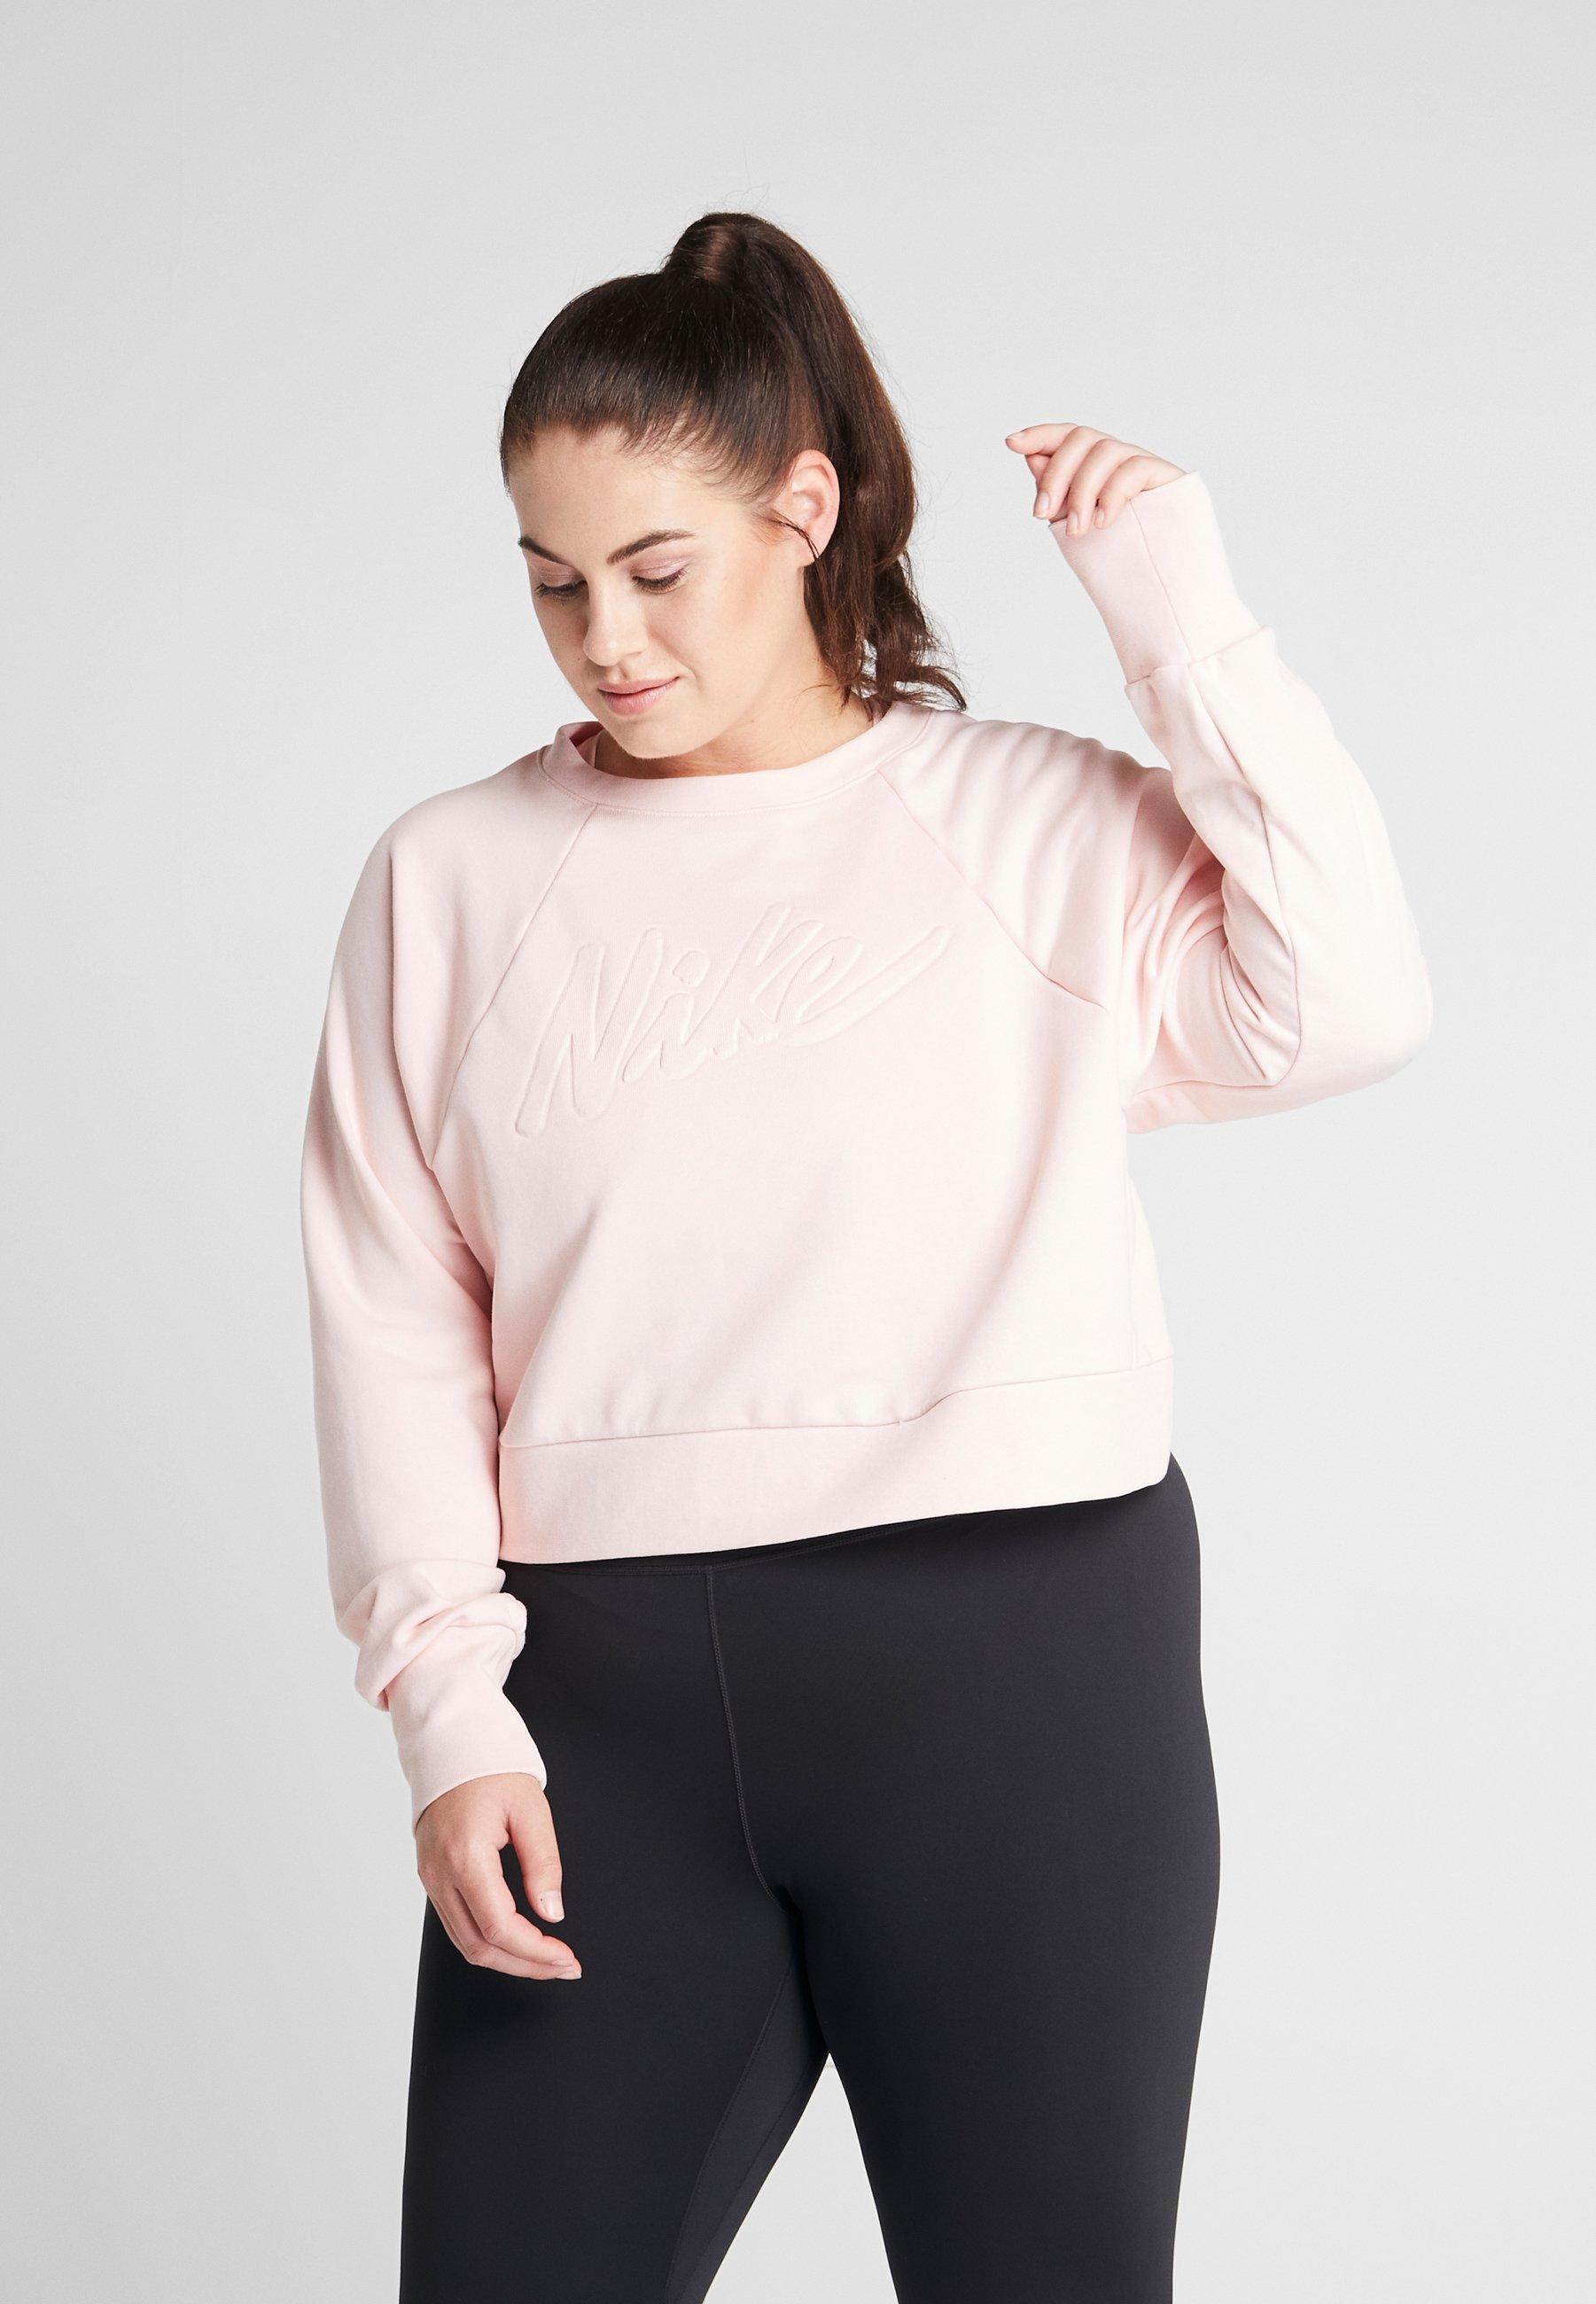 Performance white Nike Echo All In PlusSweatshirt Pink PiuwkTOXZl